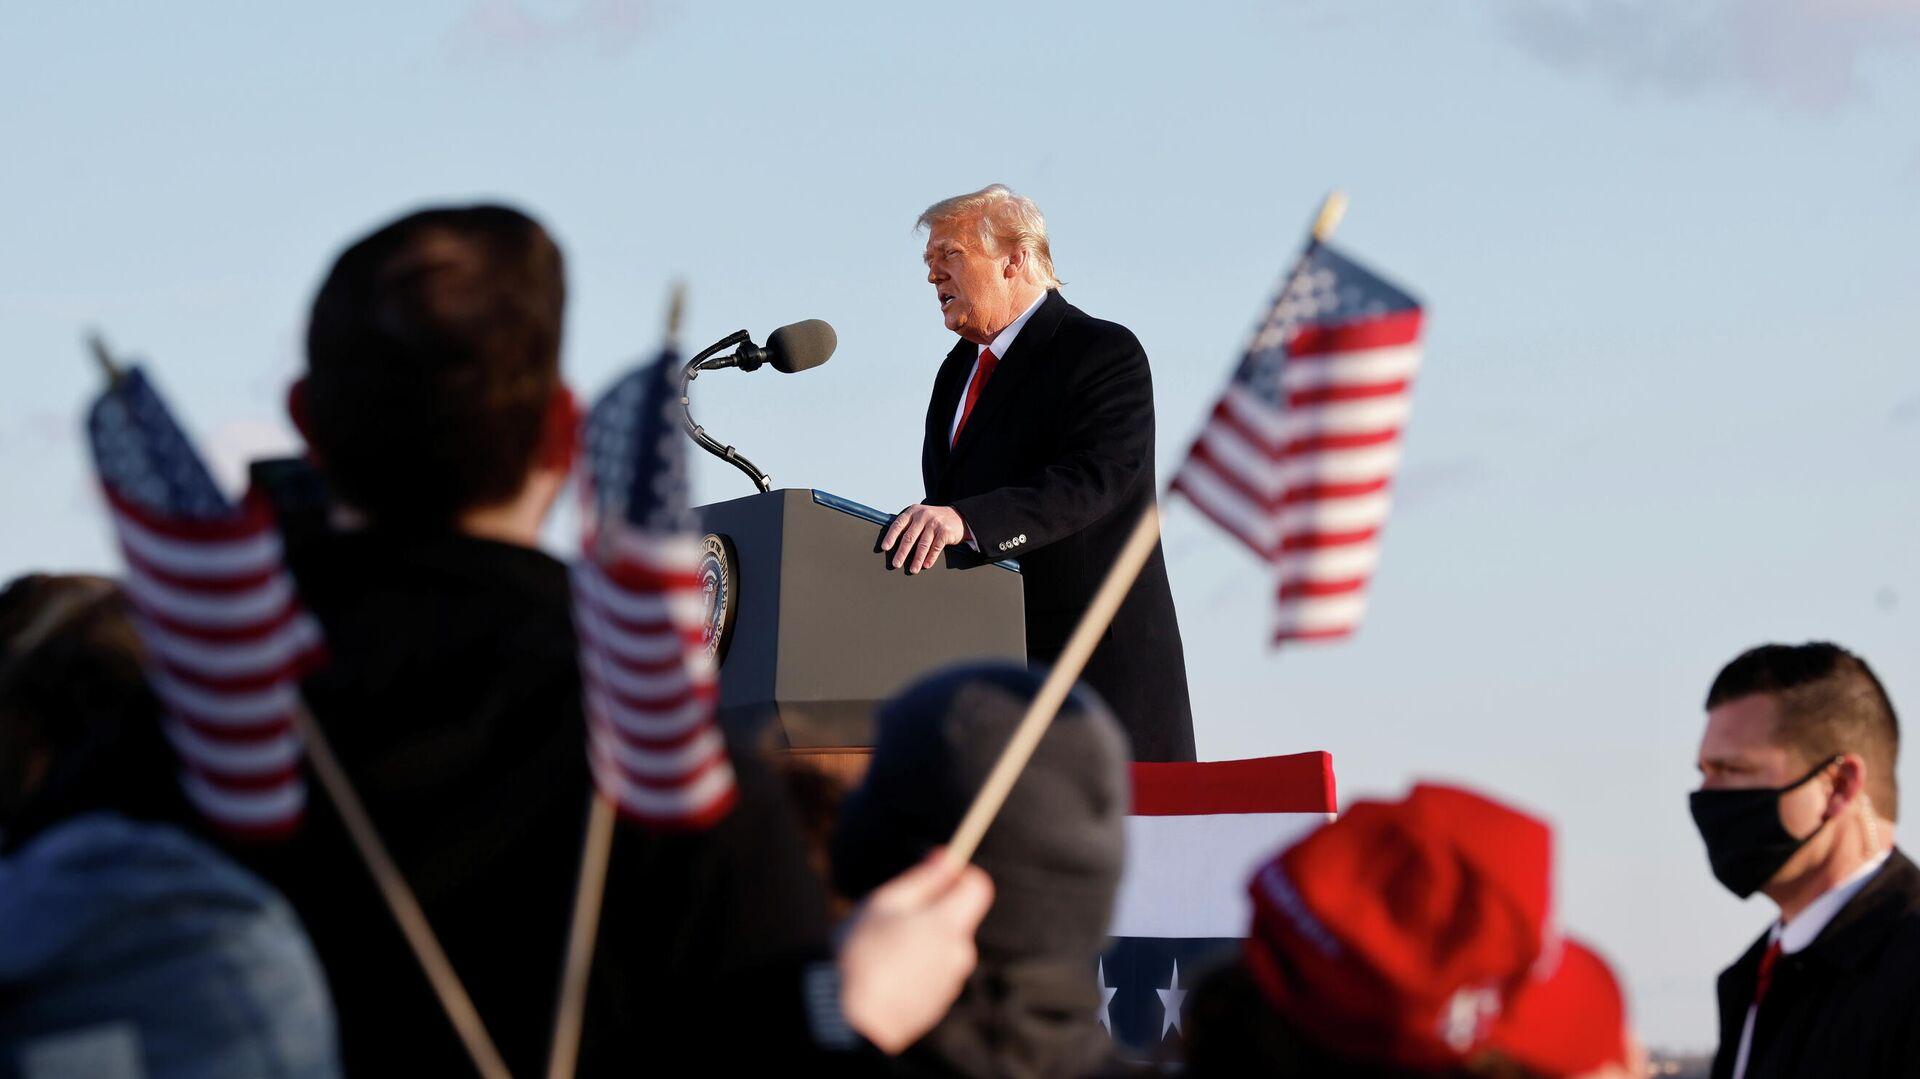 Президент США Дональд Трамп во время выступления на базе Эндрюс, штат Мэриленд - РИА Новости, 1920, 14.02.2021